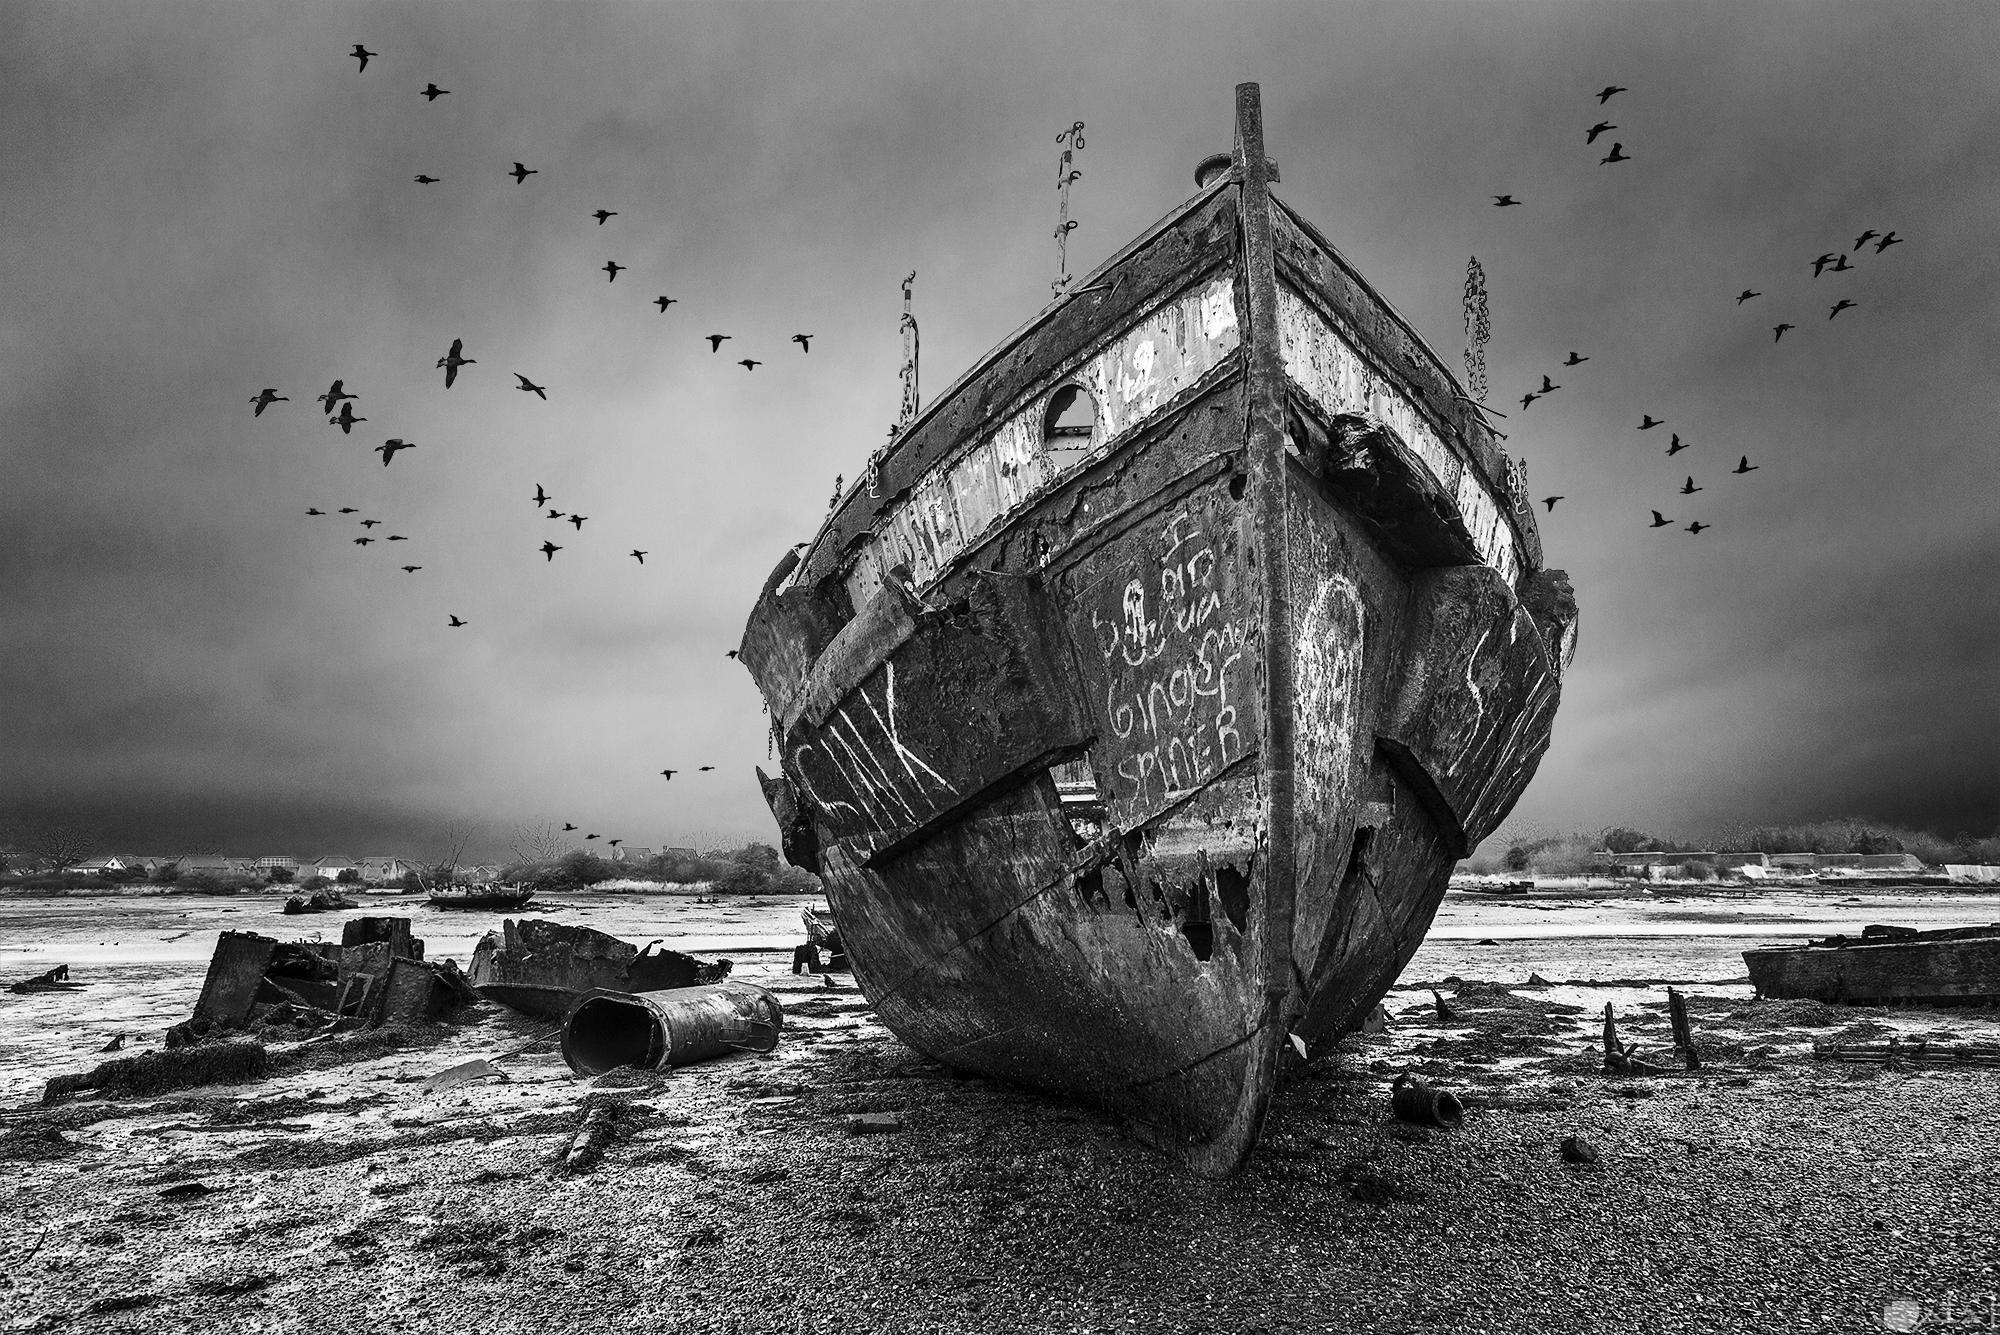 صورة حزينة بالأبيض والأسود لشكل مركب متهالك ومحطم